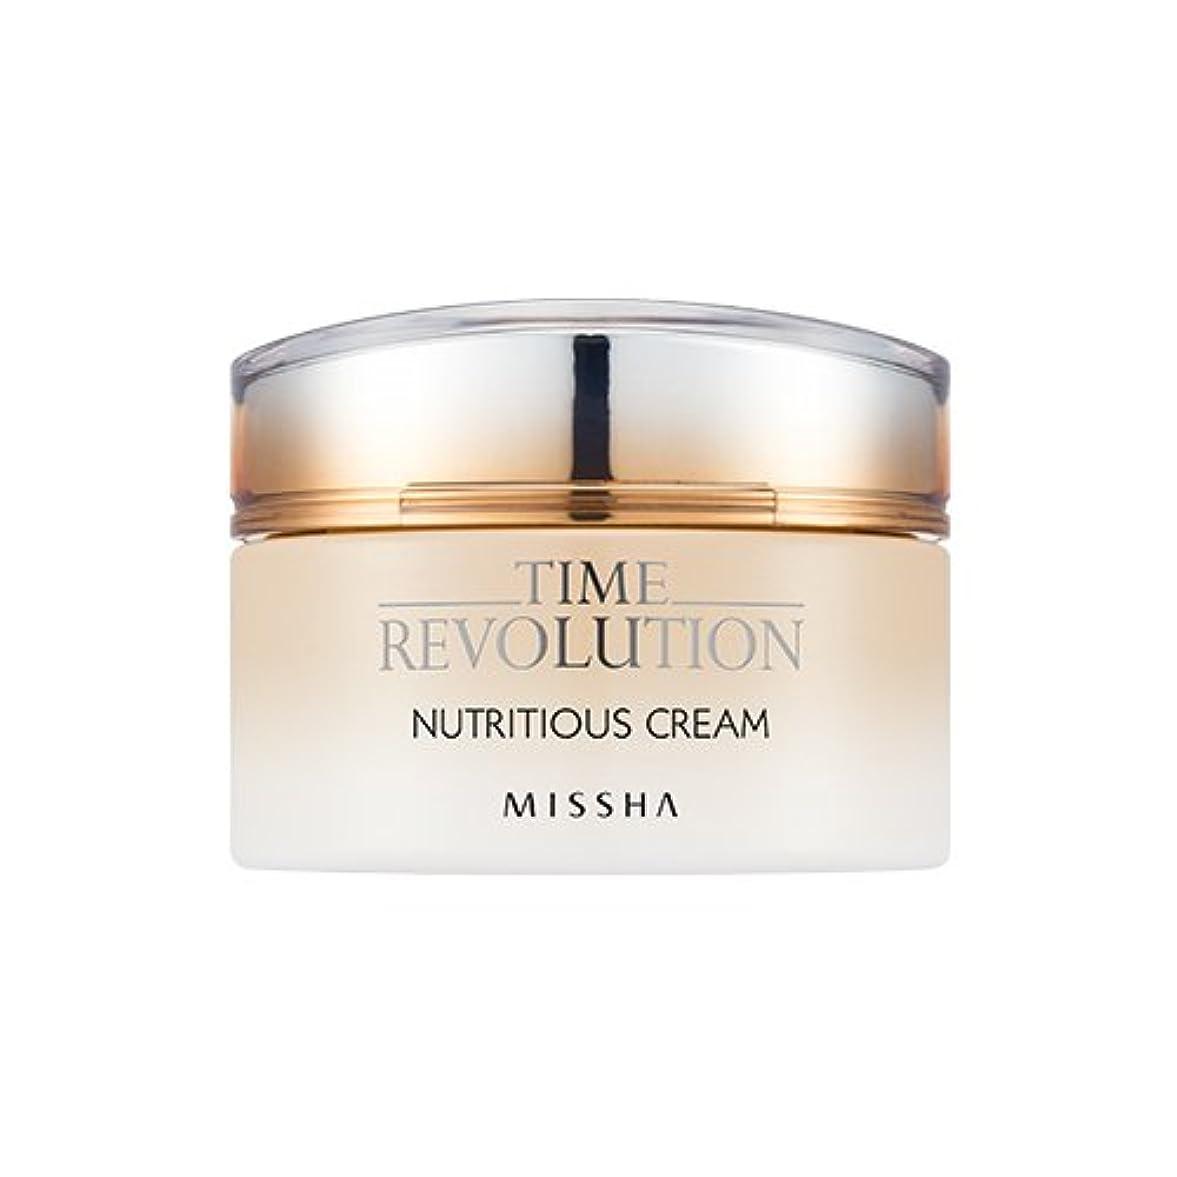 流マージン学部[New] MISSHA Time Revolution Nutritious Cream 50ml/ミシャ タイム レボリューション ニュートリシャス クリーム 50ml [並行輸入品]